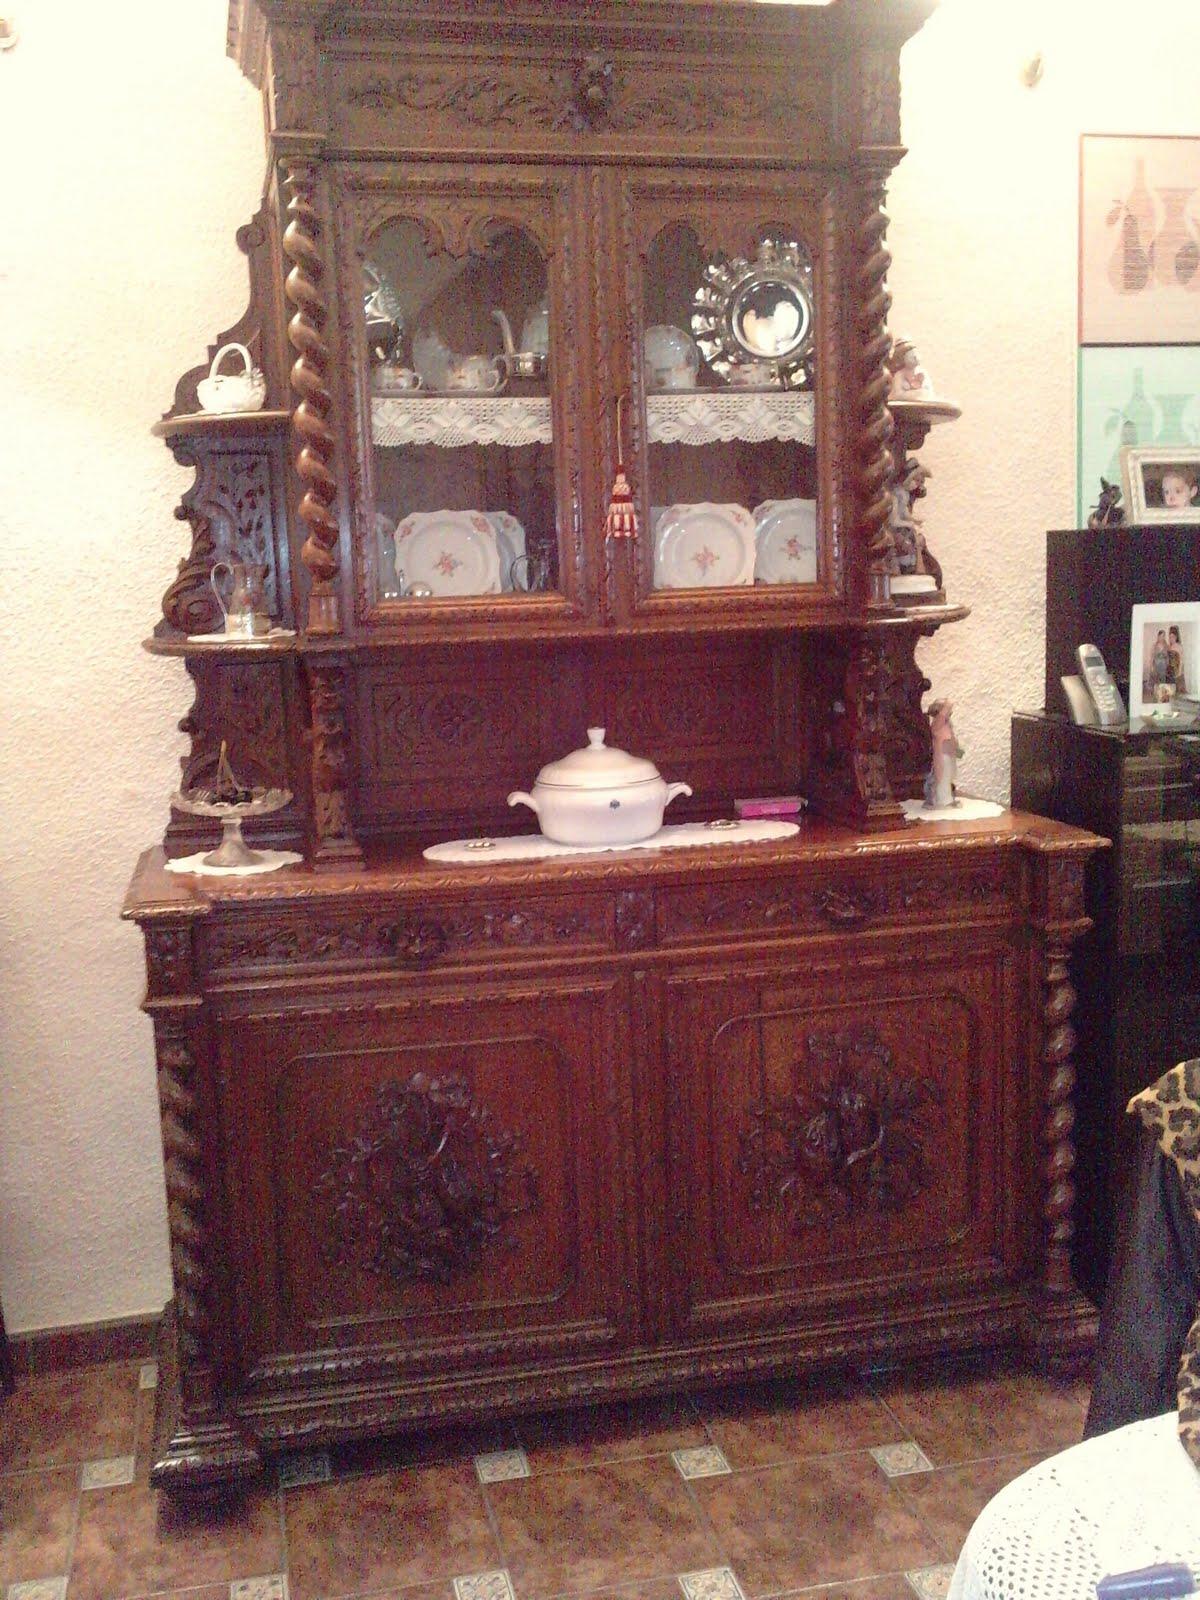 http://4.bp.blogspot.com/-cUH6OUC4-Cw/TkkBJXoJakI/AAAAAAAAAow/6zIoYwdhgYs/s1600/restaurar+muebles%252C+Alacena.JPG